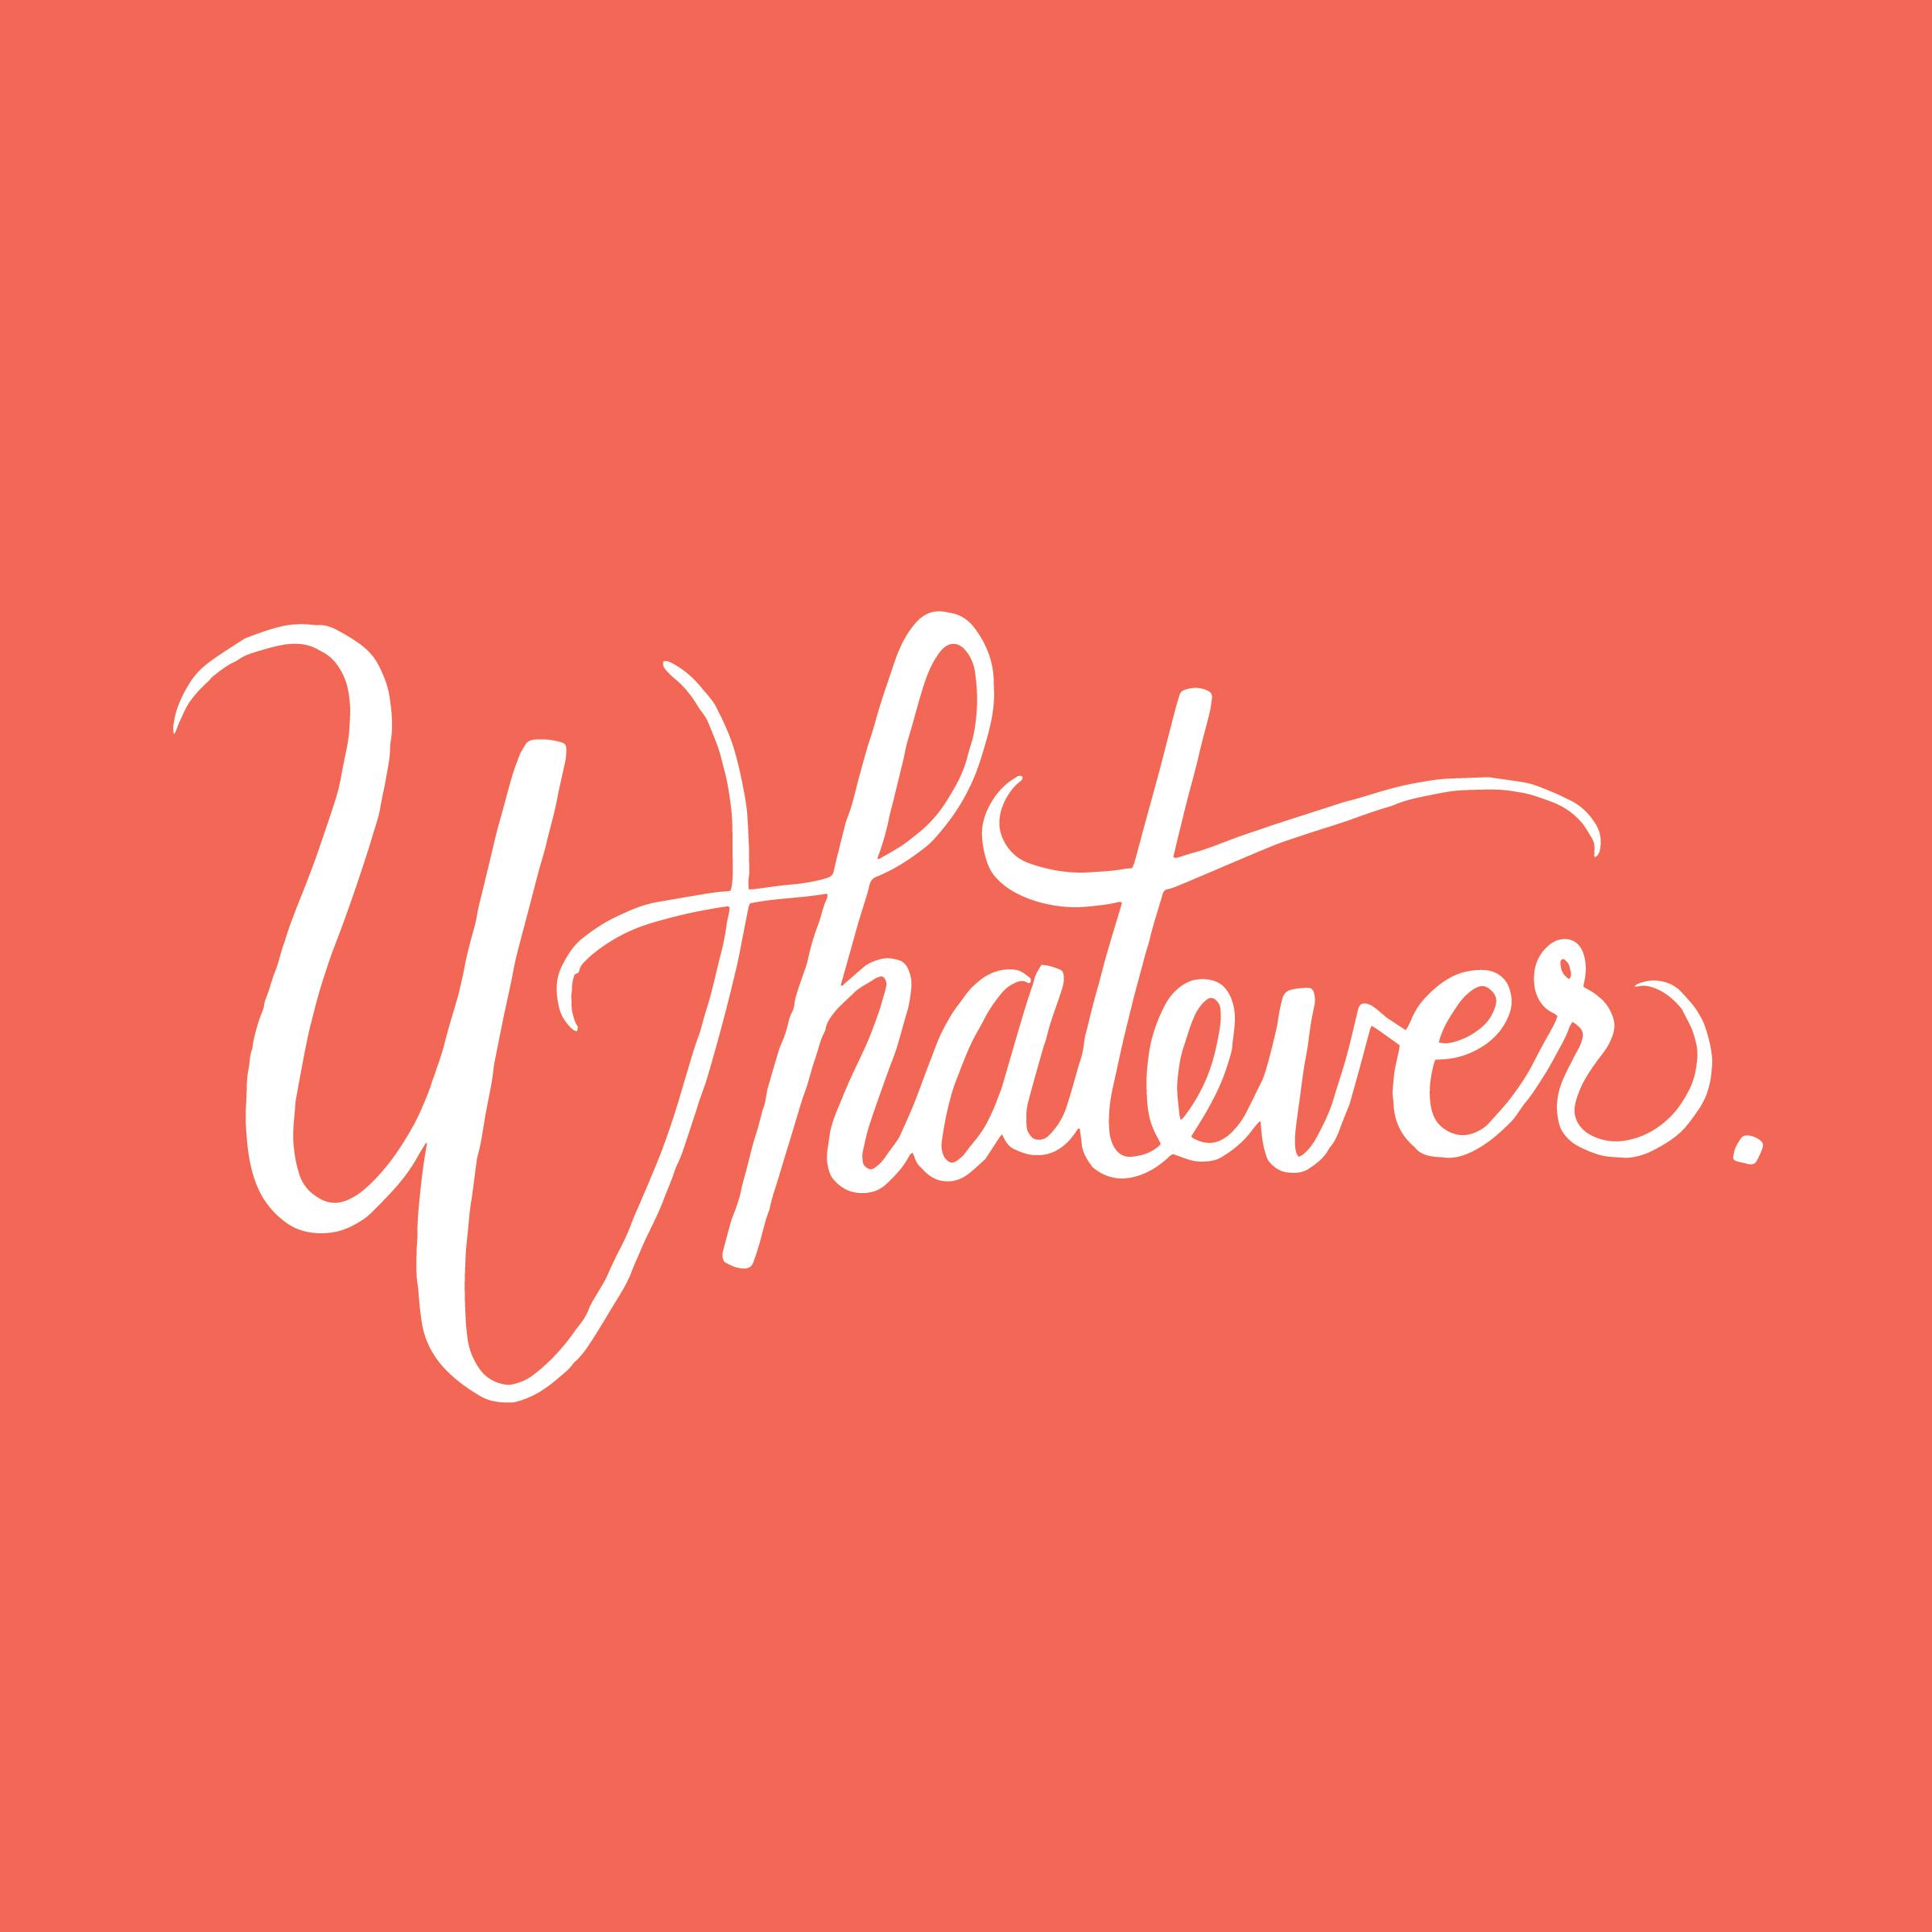 Whatever - andreacrofts.com.jpg